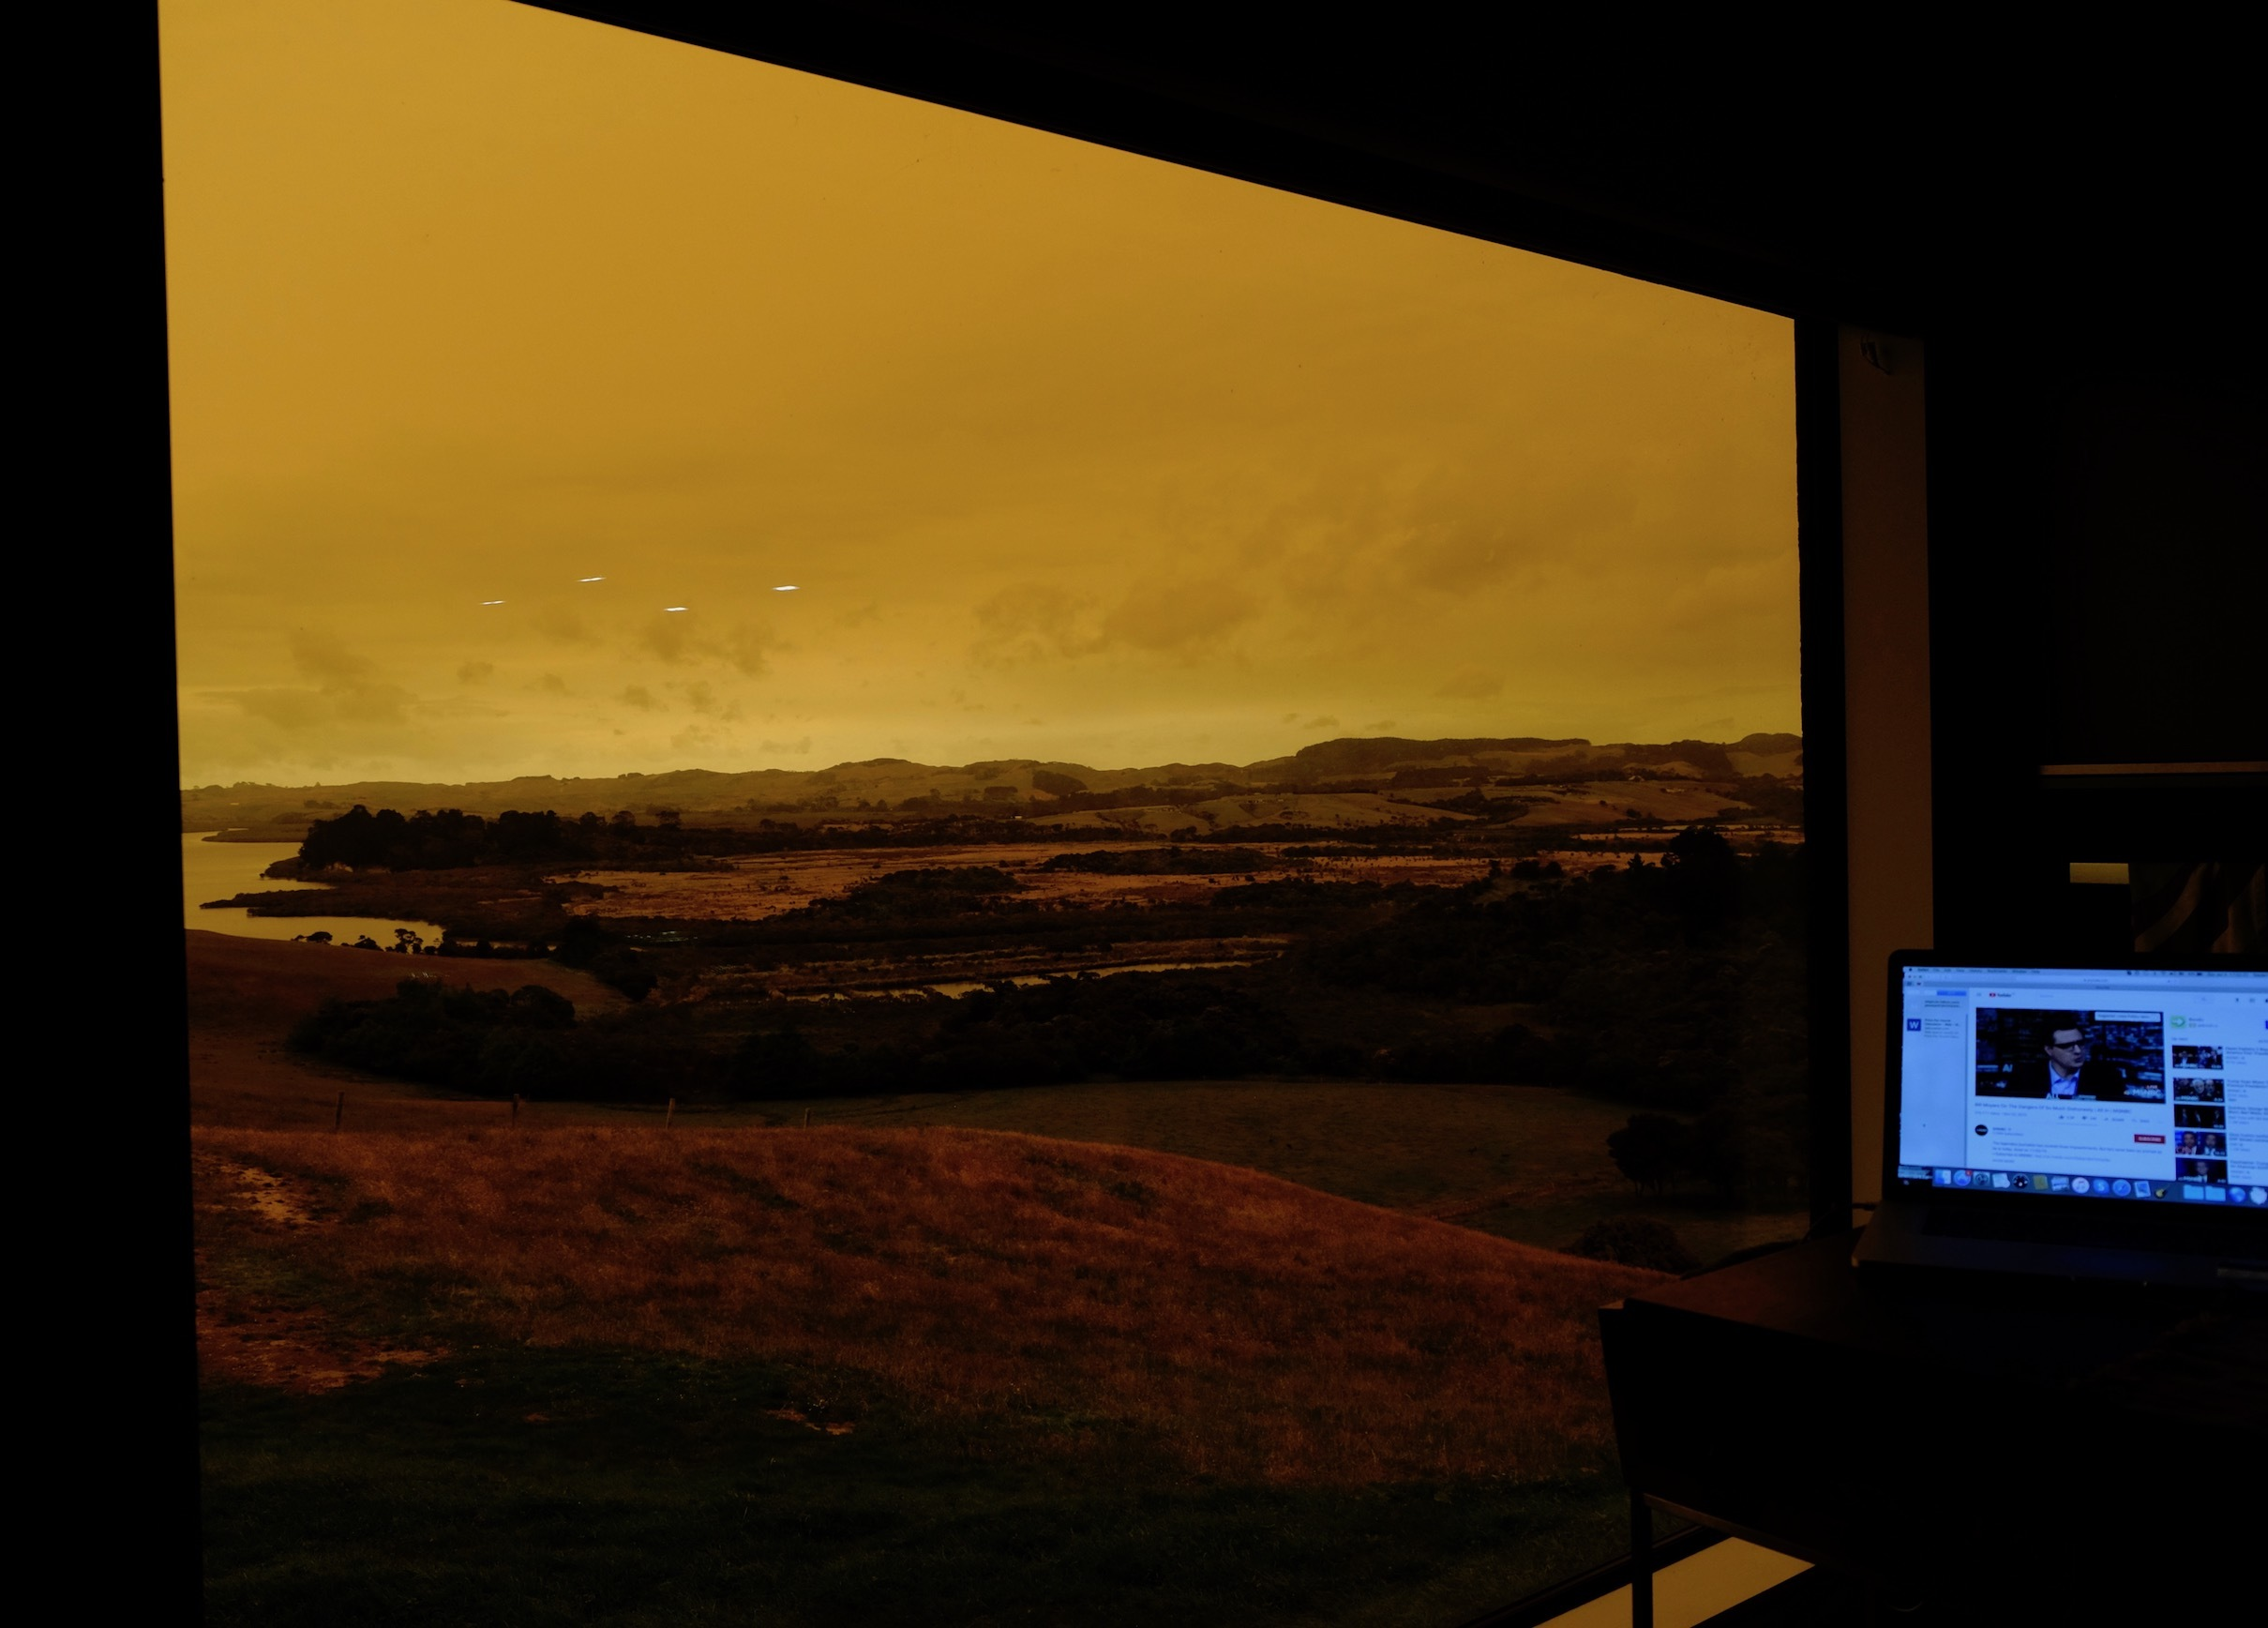 赤い空、グラスハウス、ログハウス内装/ Orange Sky, Glasshouse, Log Cabin Interior_e0310424_19105805.jpg